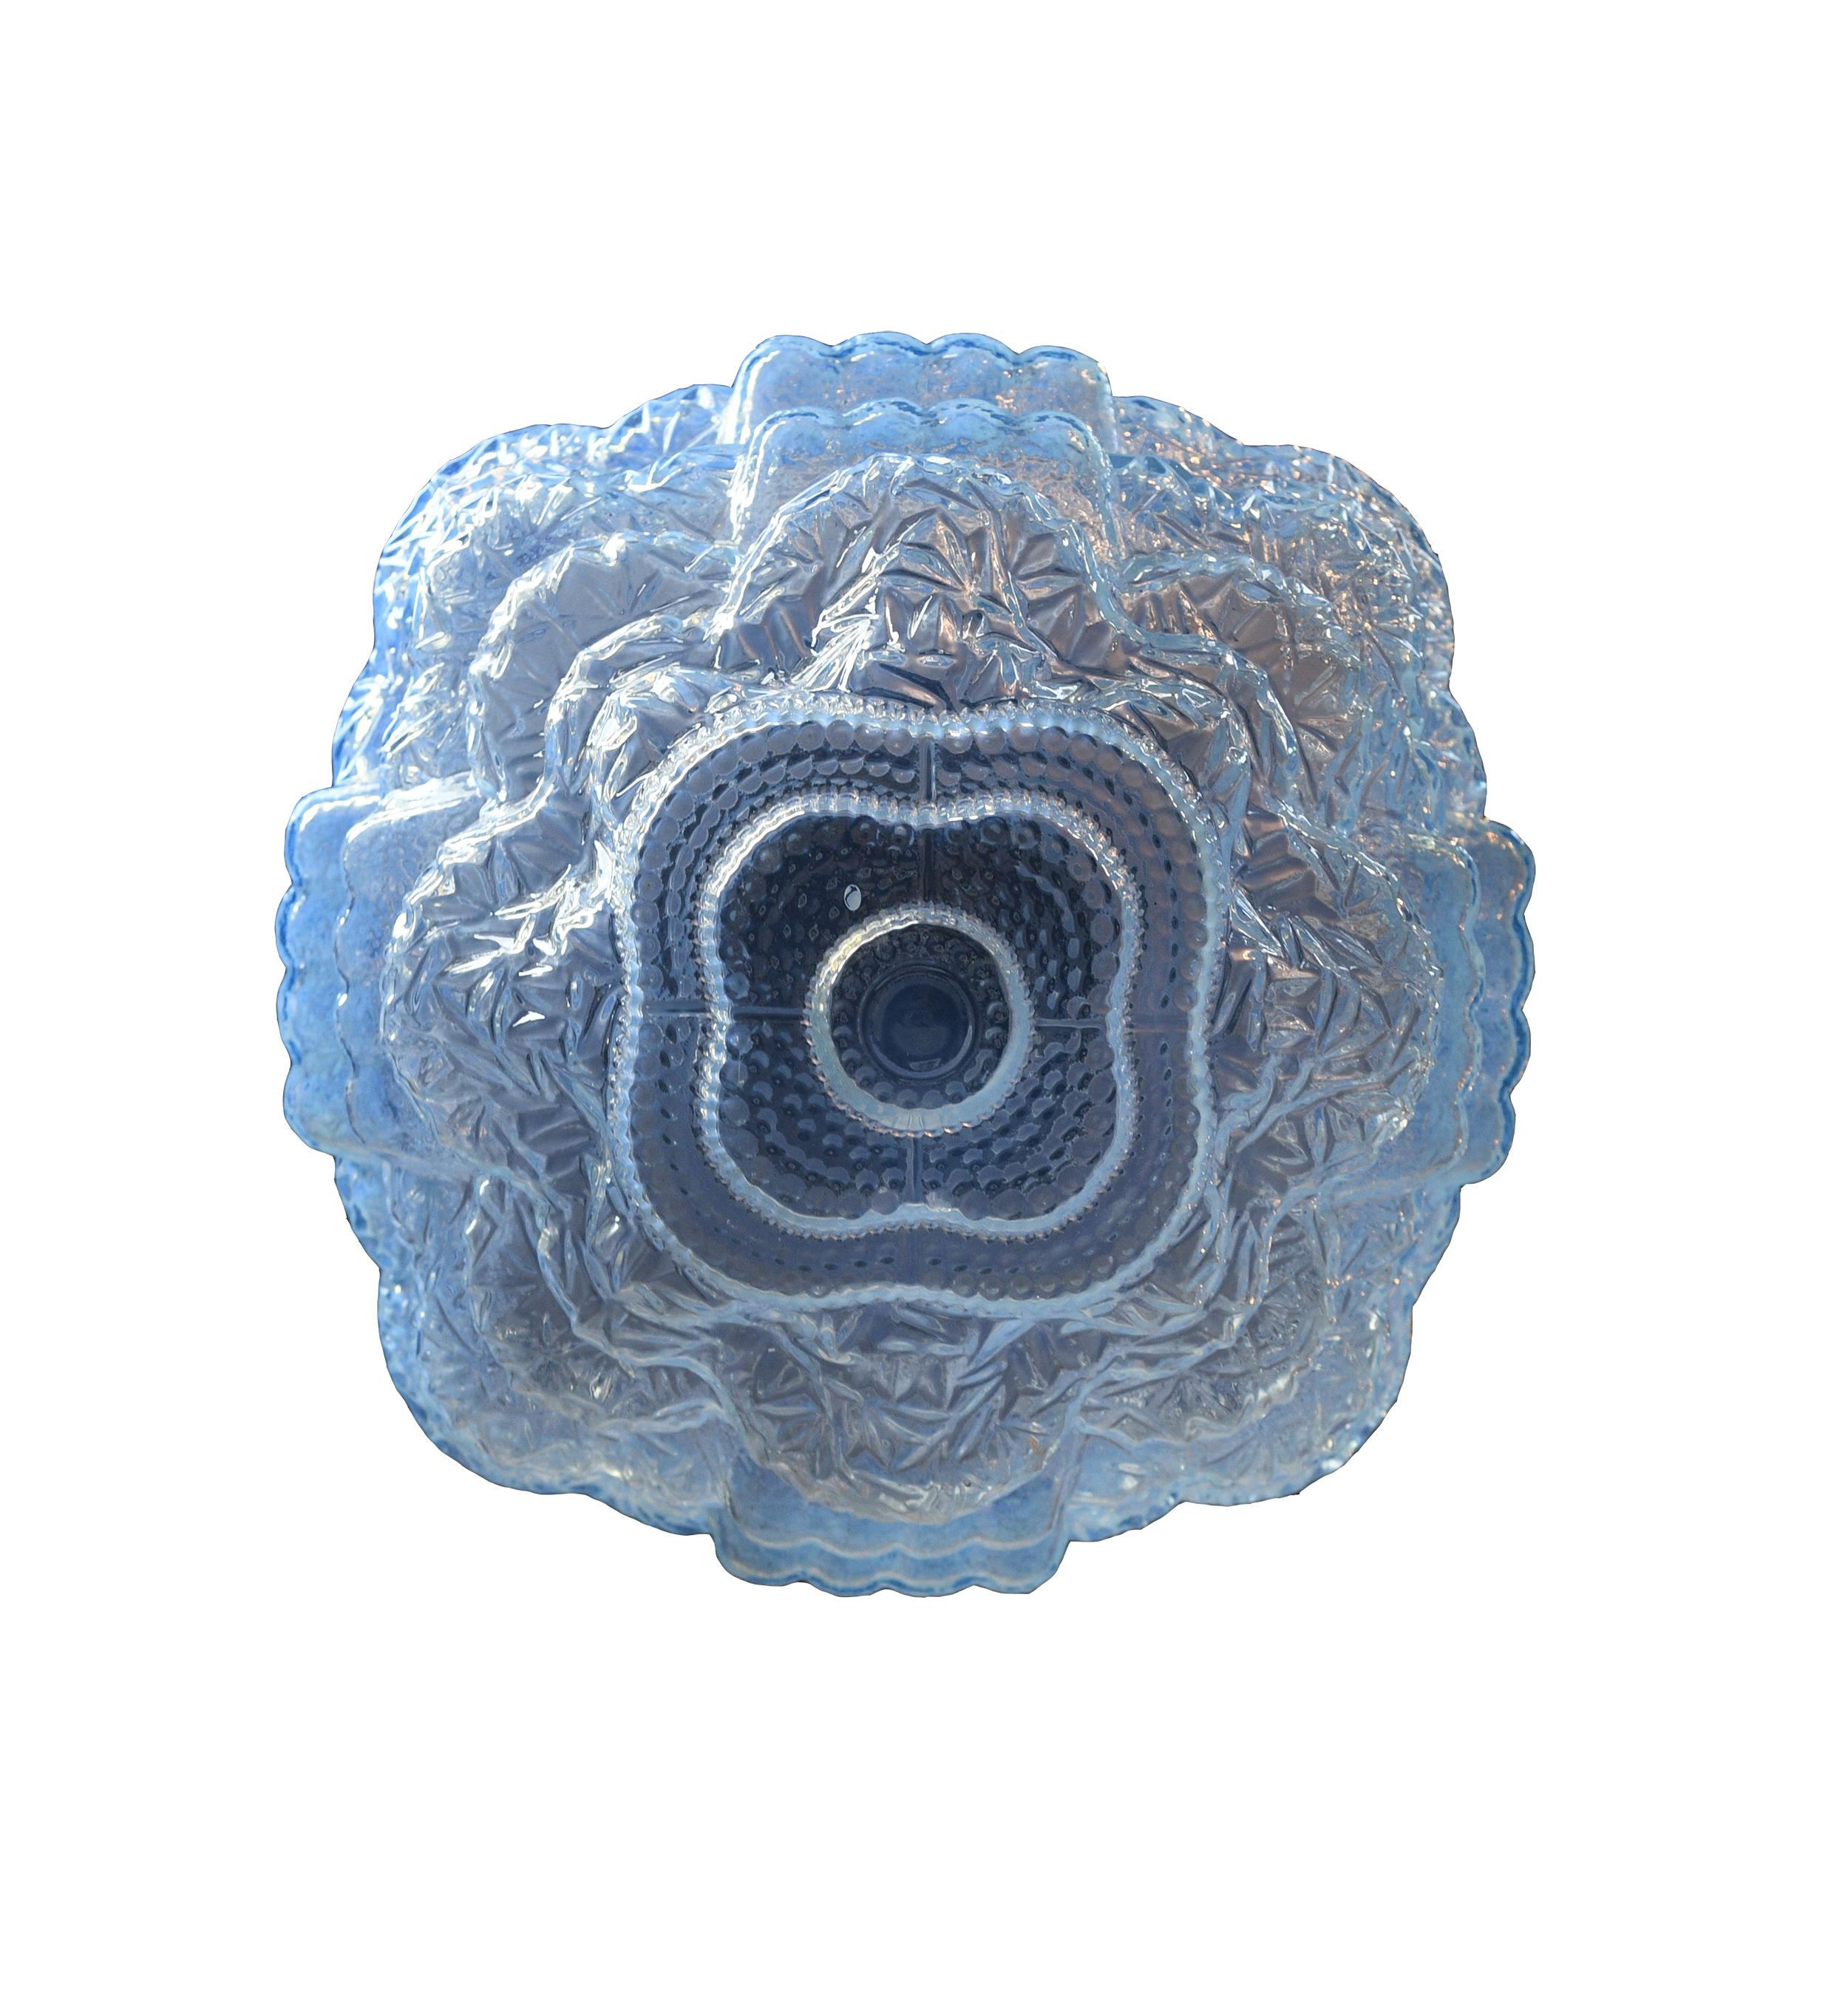 47691-blue-vaseline-glass-art-deco-9.jpg